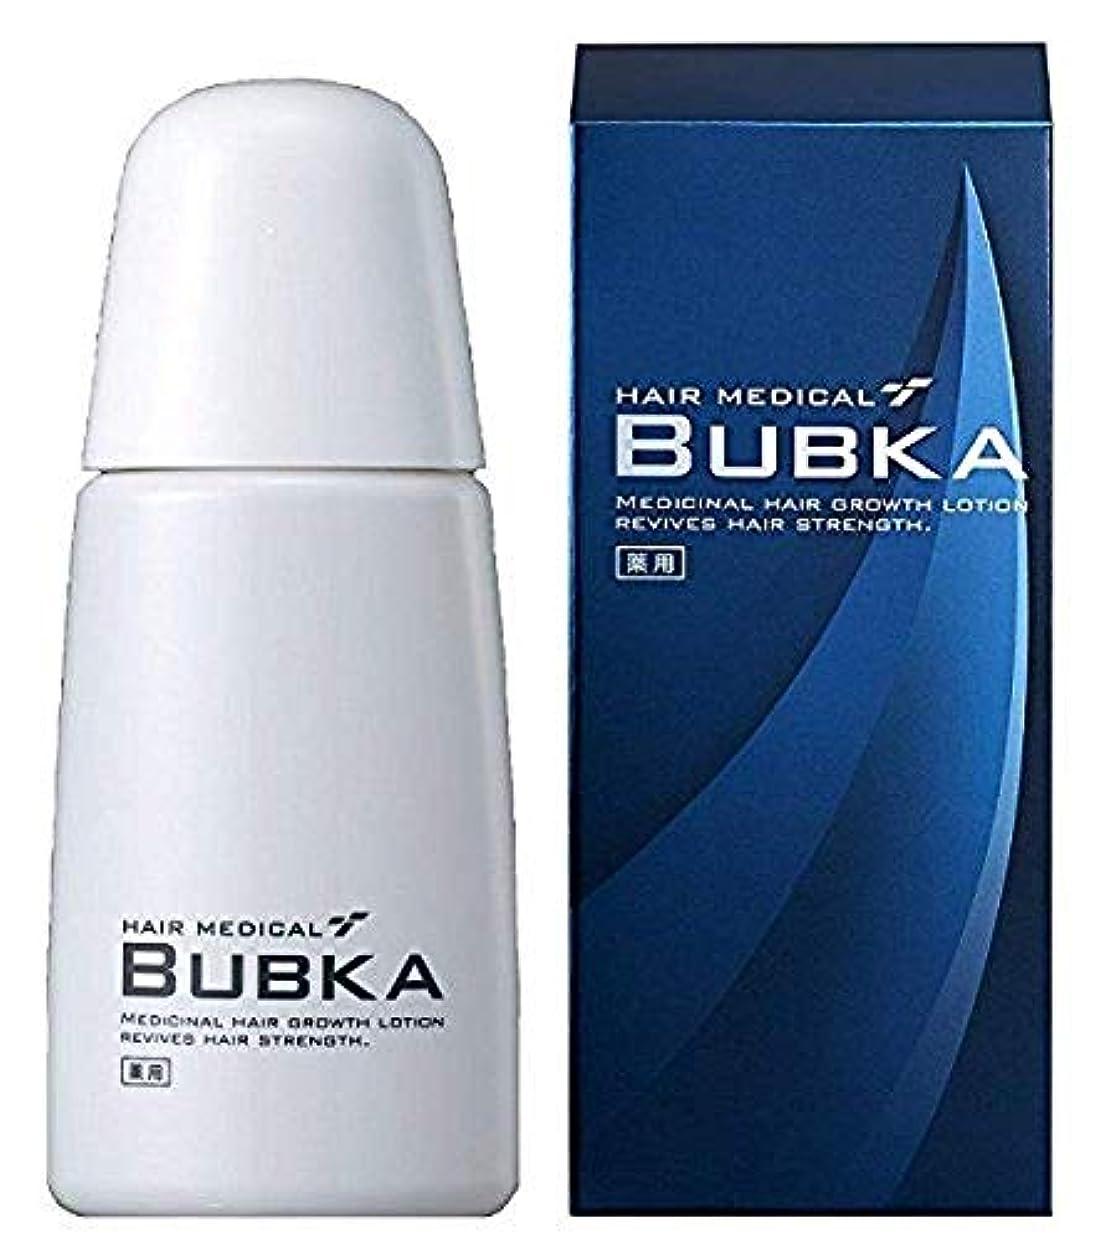 キュービック衝撃事業内容【BUBKA ブブカ 】新型 濃密育毛剤 ブブカ-003M (内容量:120ml 約1ヶ月分)(医薬部外品)